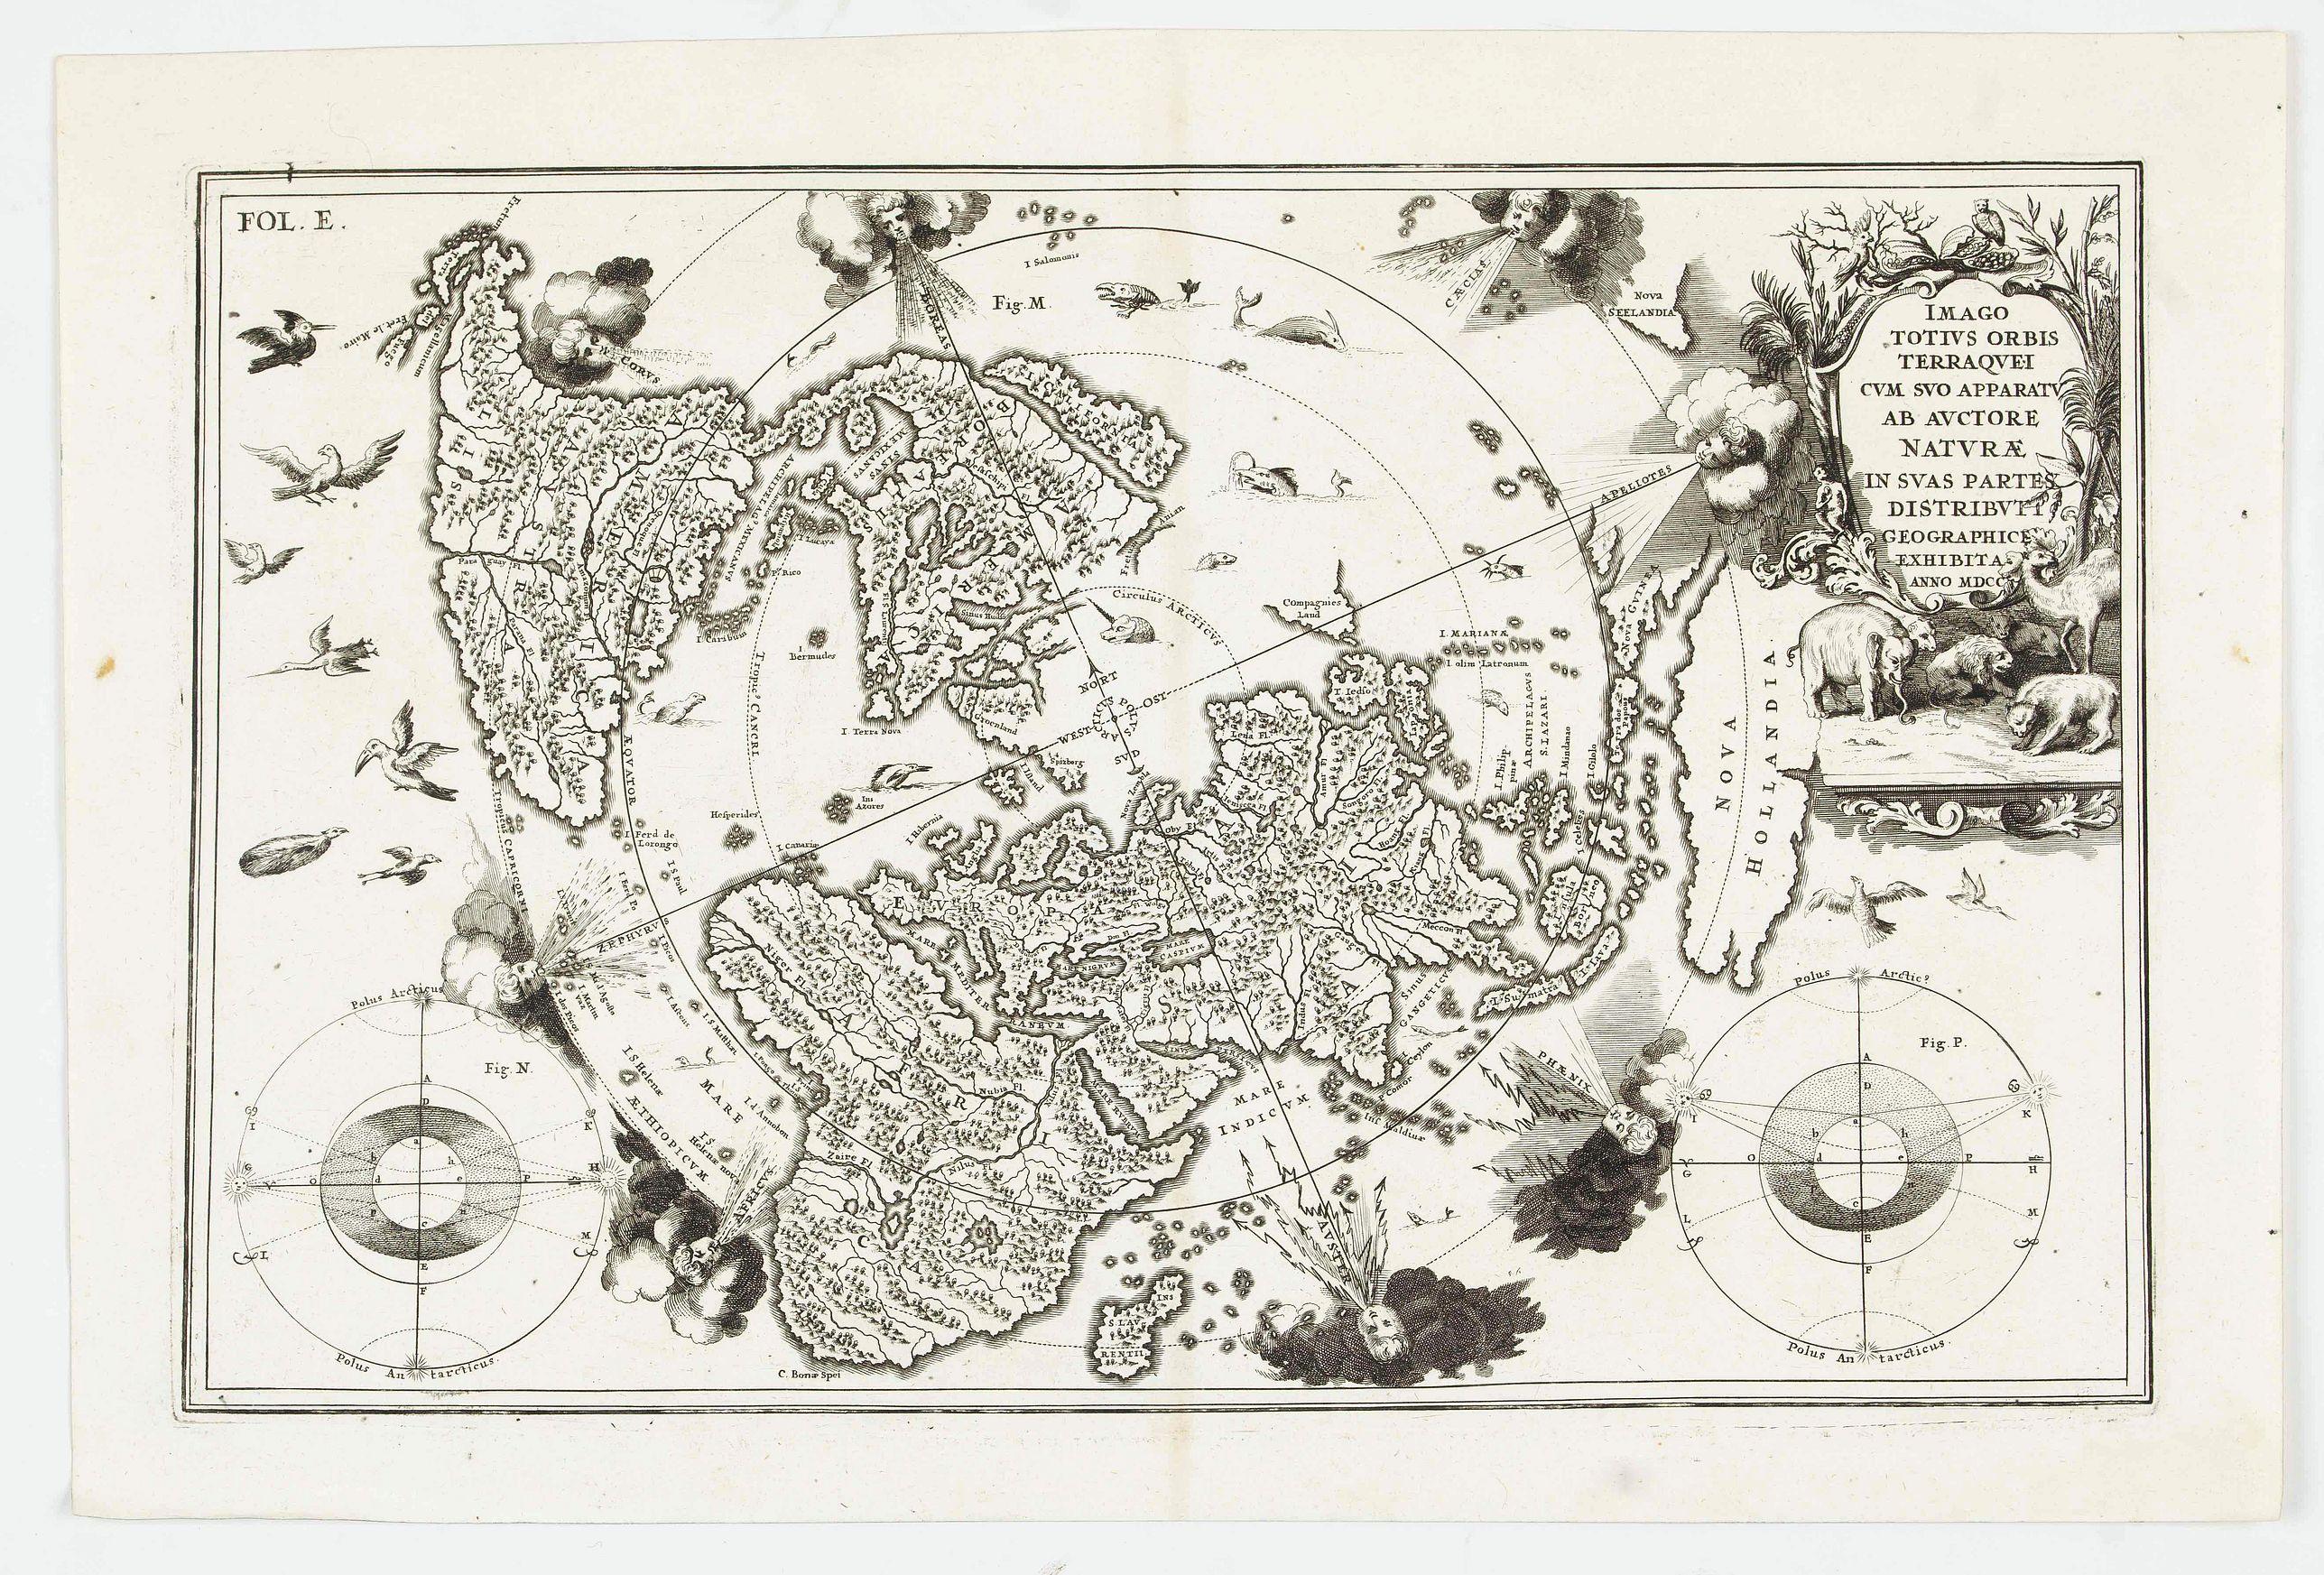 SCHERER, H. - Imago Totius Orbis..